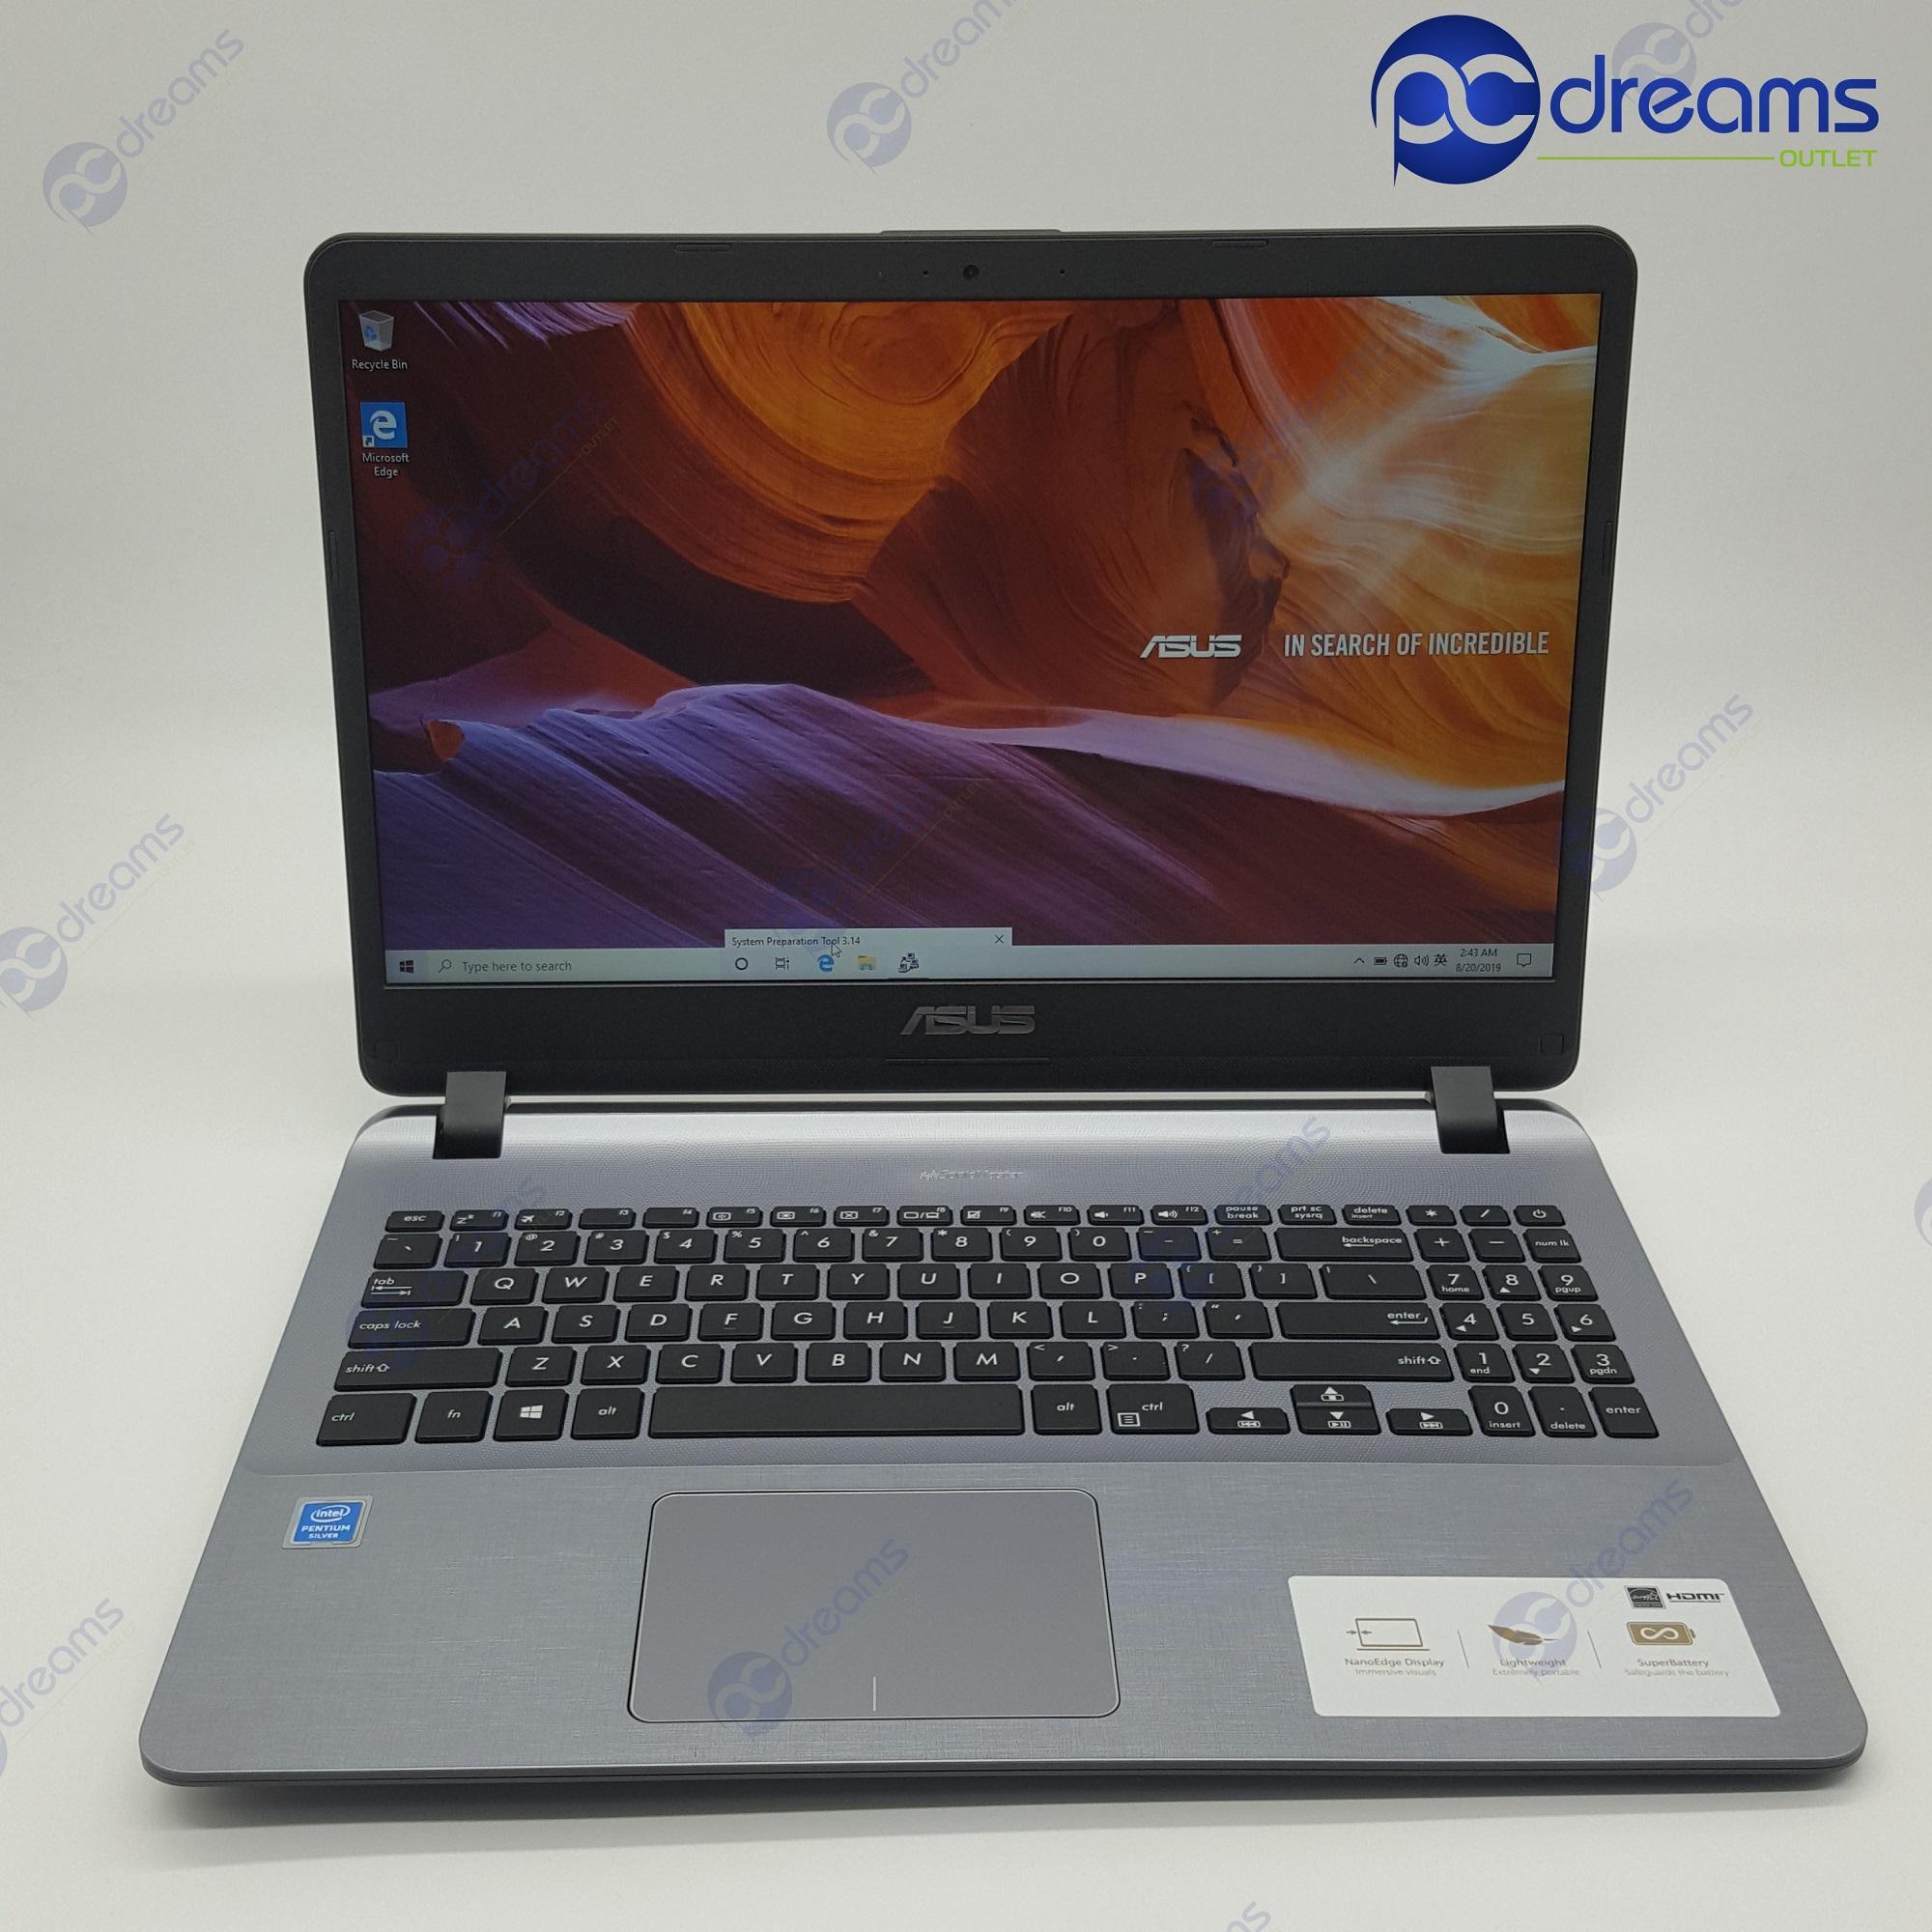 ASUS VIVOBOOK X507MA-BR071T PENTIUM/4GB/256GB [Premium Refreshed]